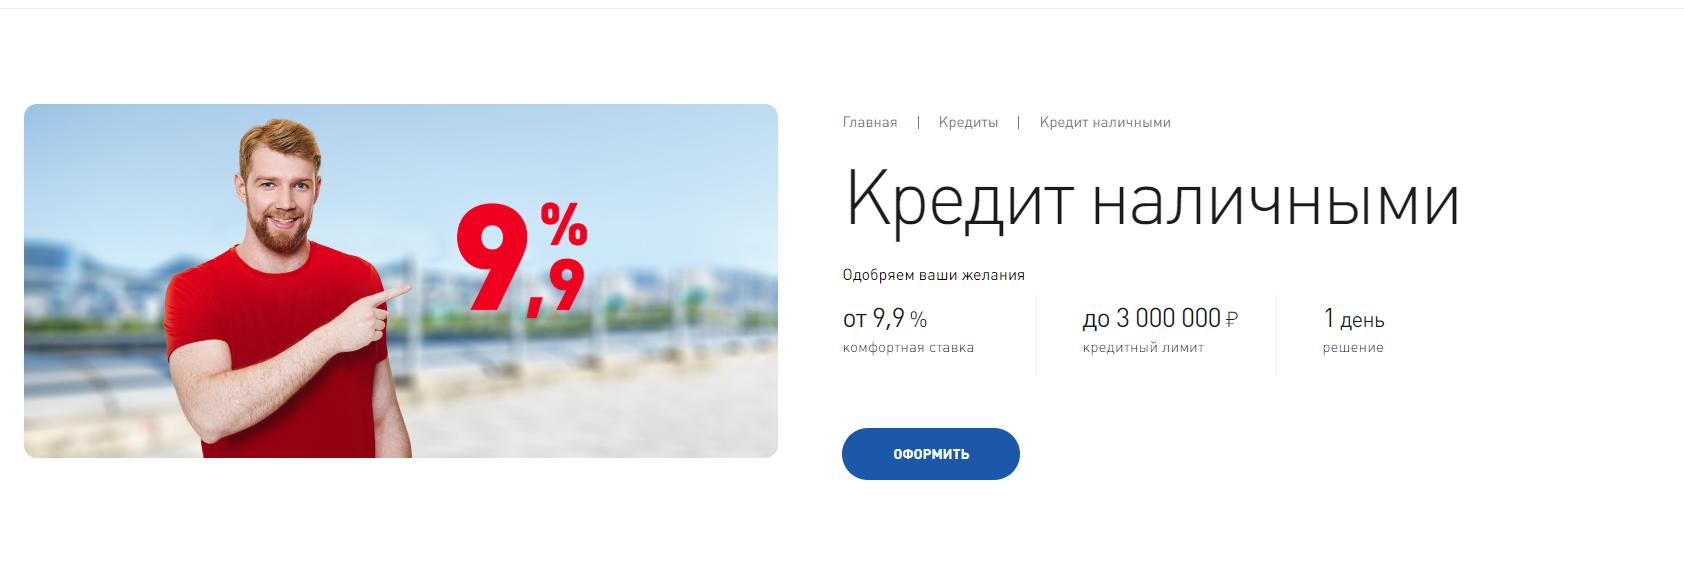 kredit-nalichnymi-vostochnyj-bank_